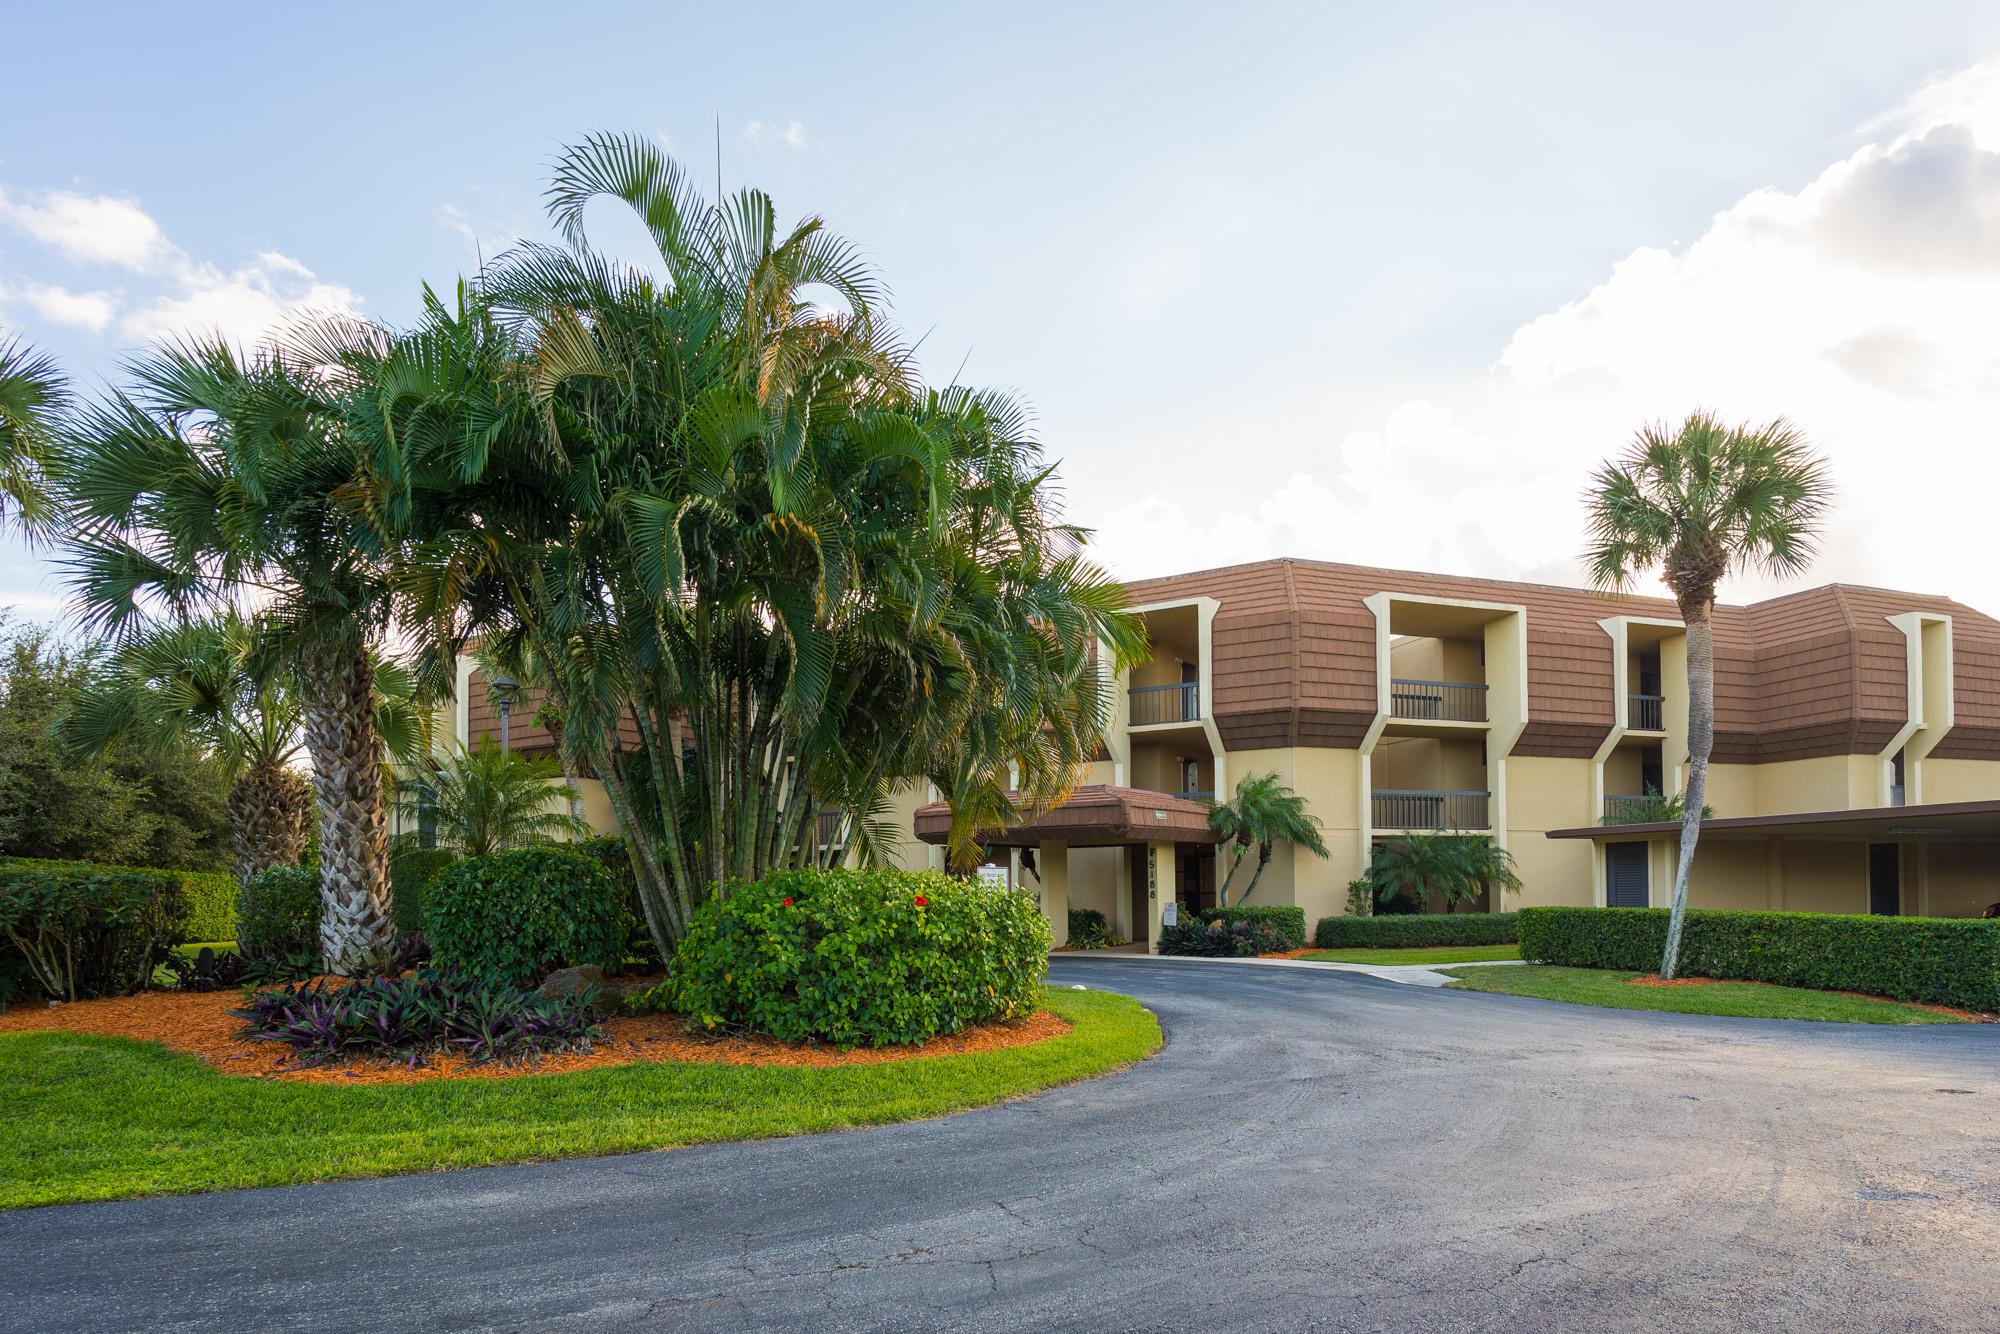 5188 Woodland Lakes Drive, Palm Beach Gardens, Florida 33418, 2 Bedrooms Bedrooms, ,2 BathroomsBathrooms,Condo/Coop,For Rent,WOODLAND LAKES,Woodland Lakes,3,RX-10475370